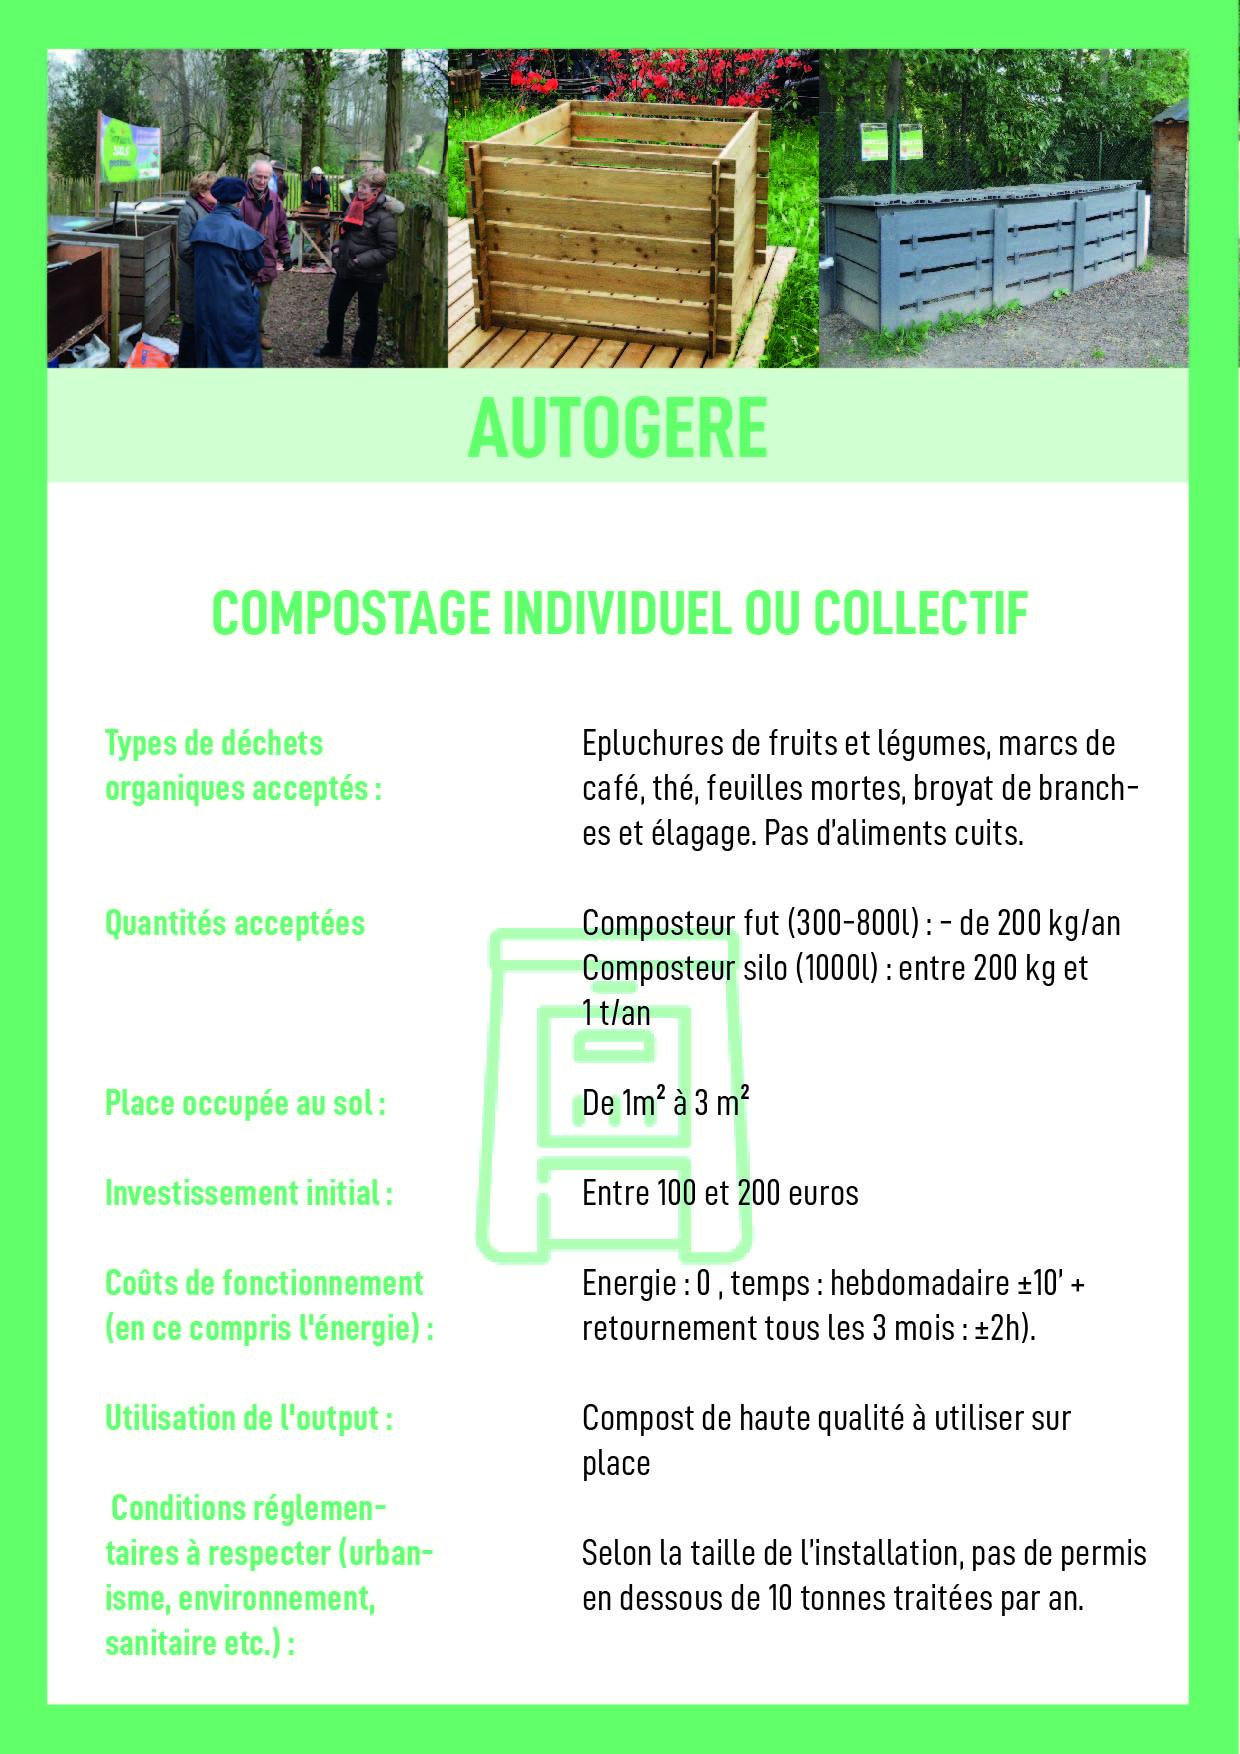 Fiche compostage détaillée-01.jpg